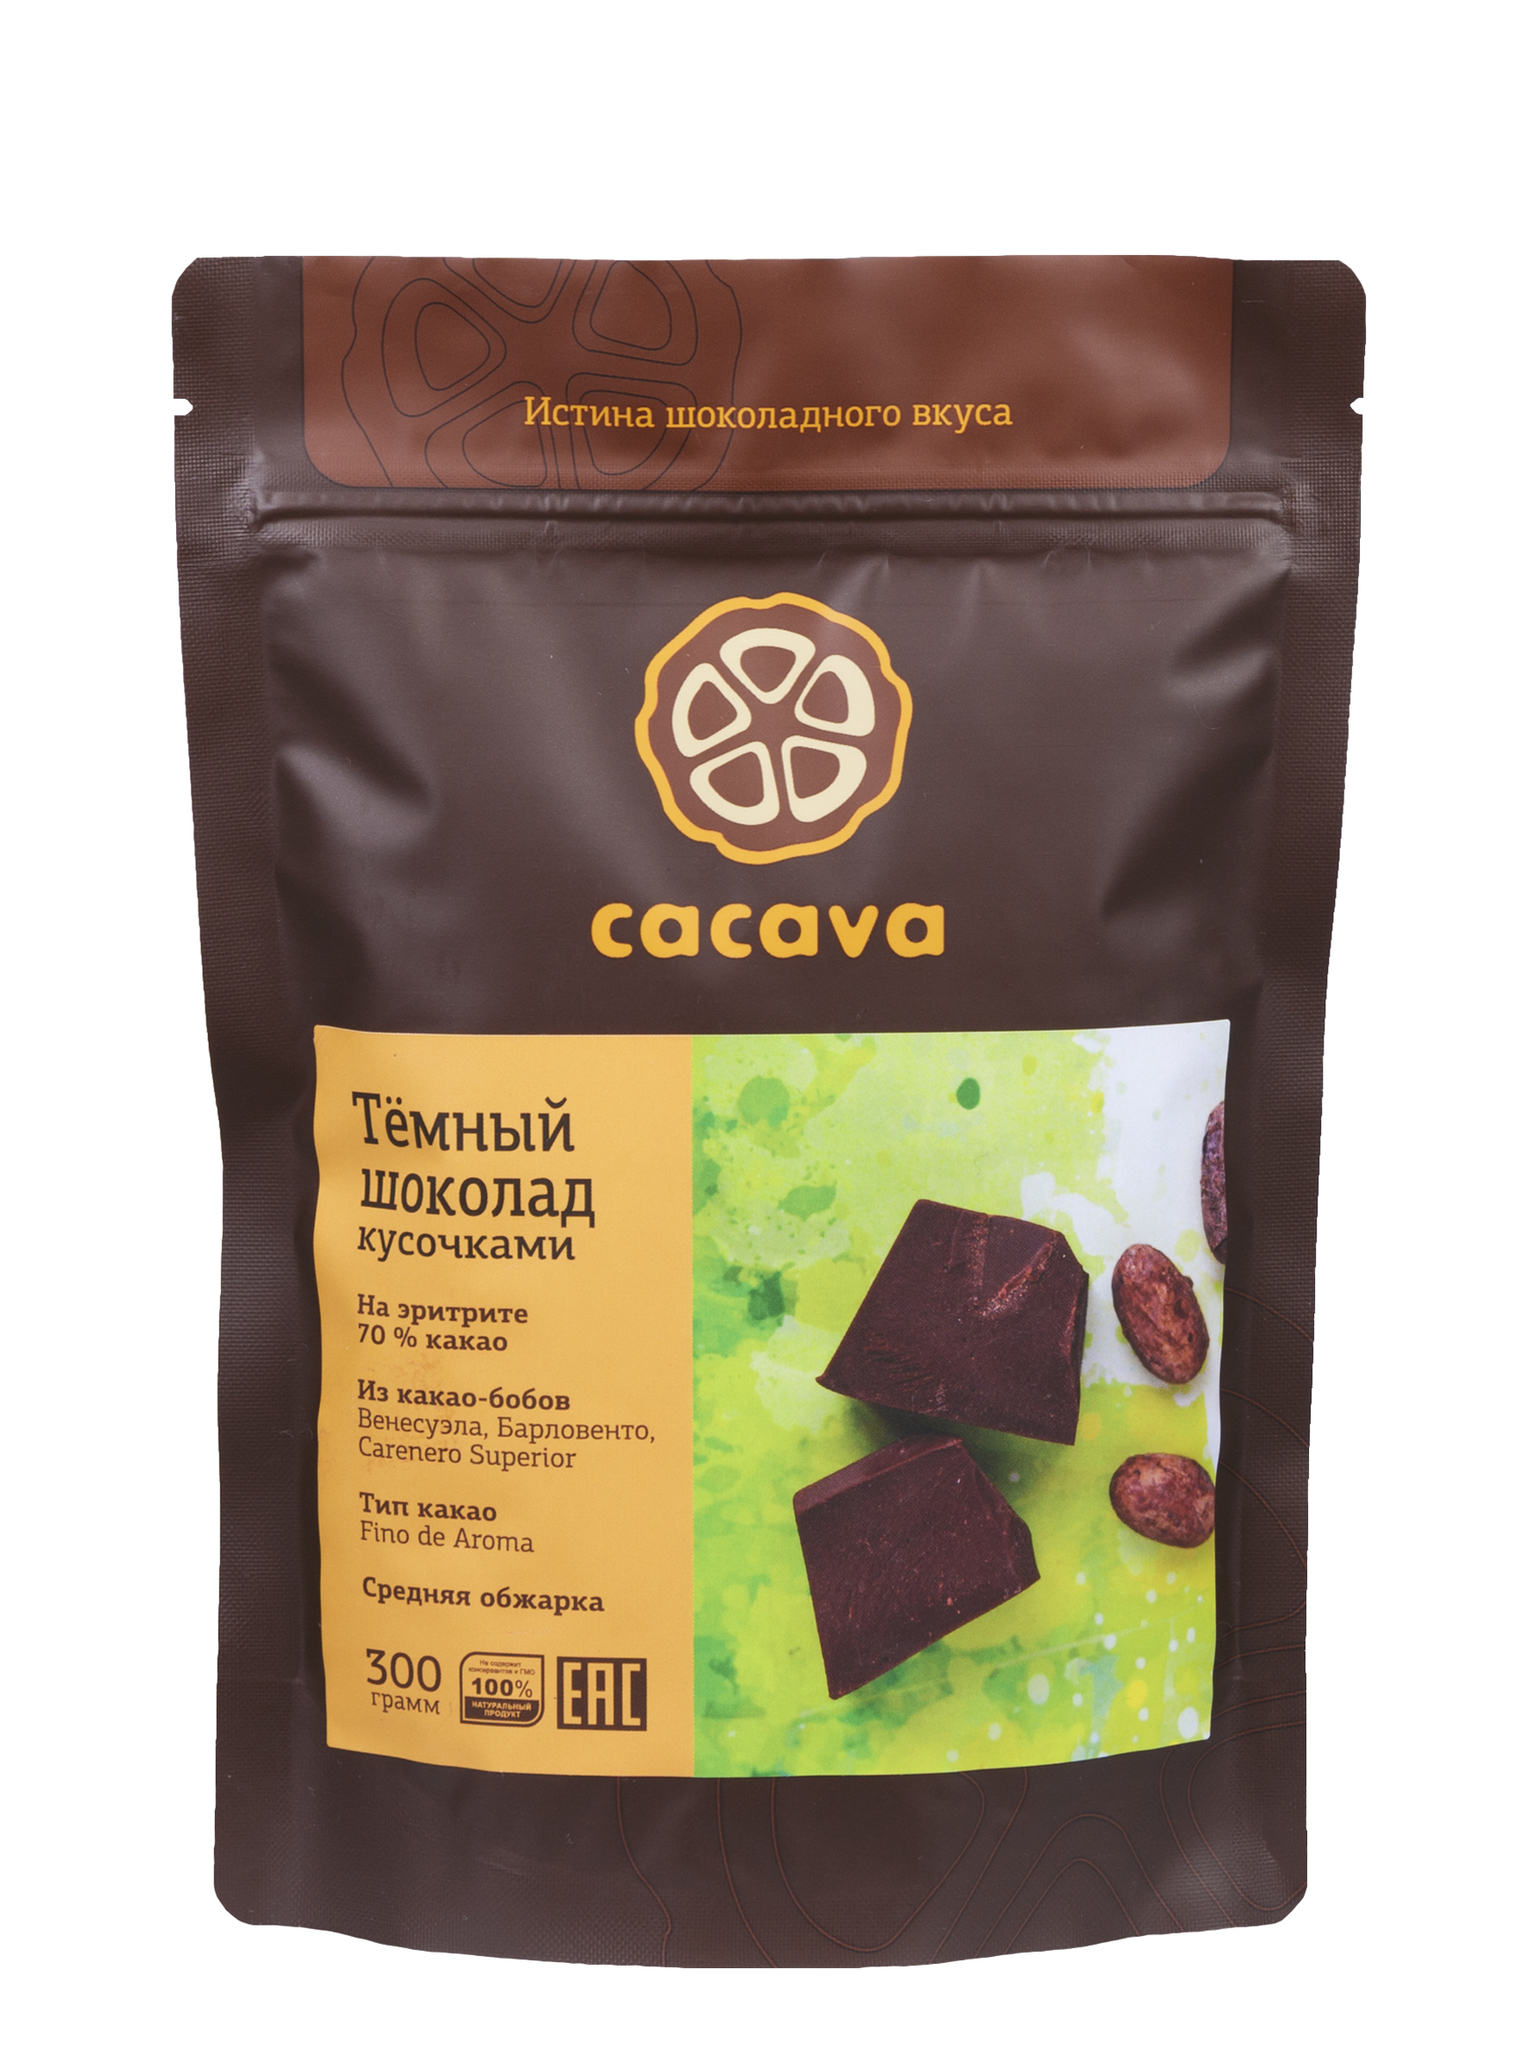 Тёмный шоколад 70 % какао, на эритрите, упаковка 300 грамм